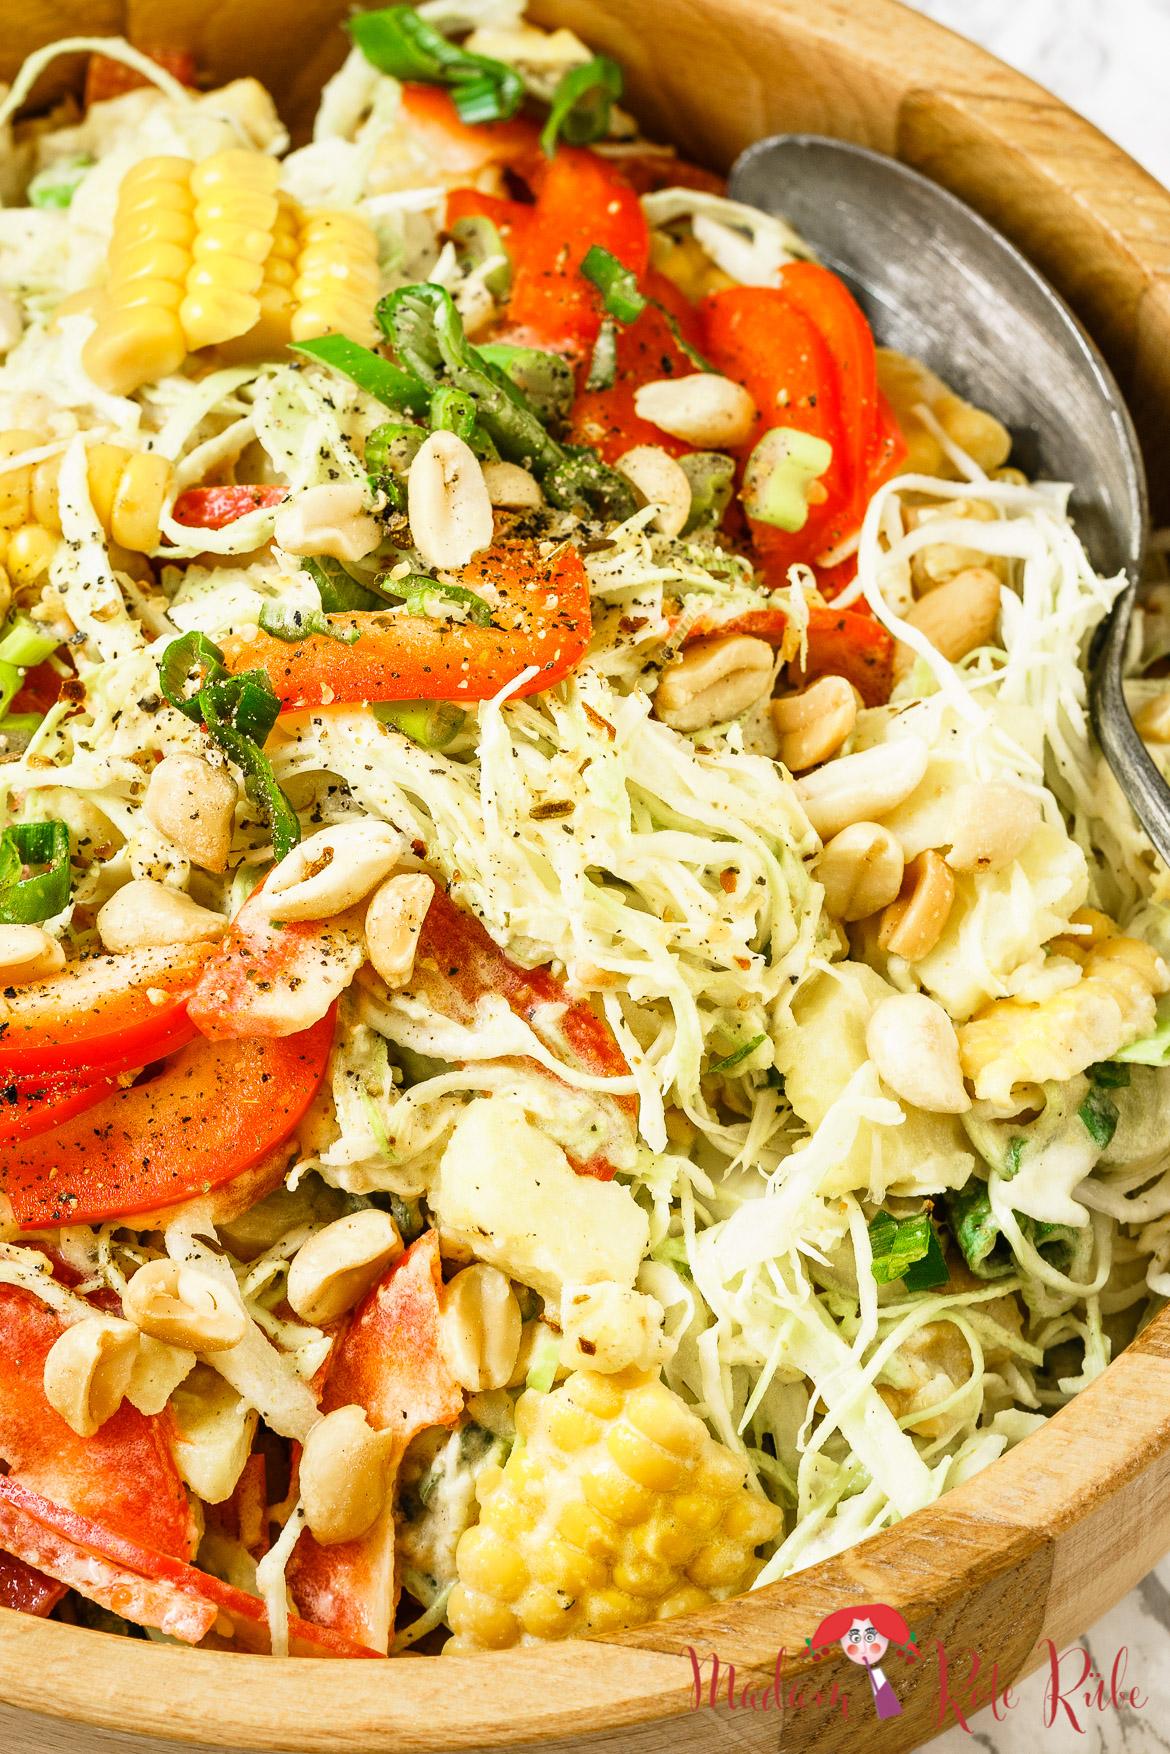 Madam Rote Rübe - Bunter Krautsalat mit Paprika, Mais und Kartoffeln in Erdnuss-Dressing